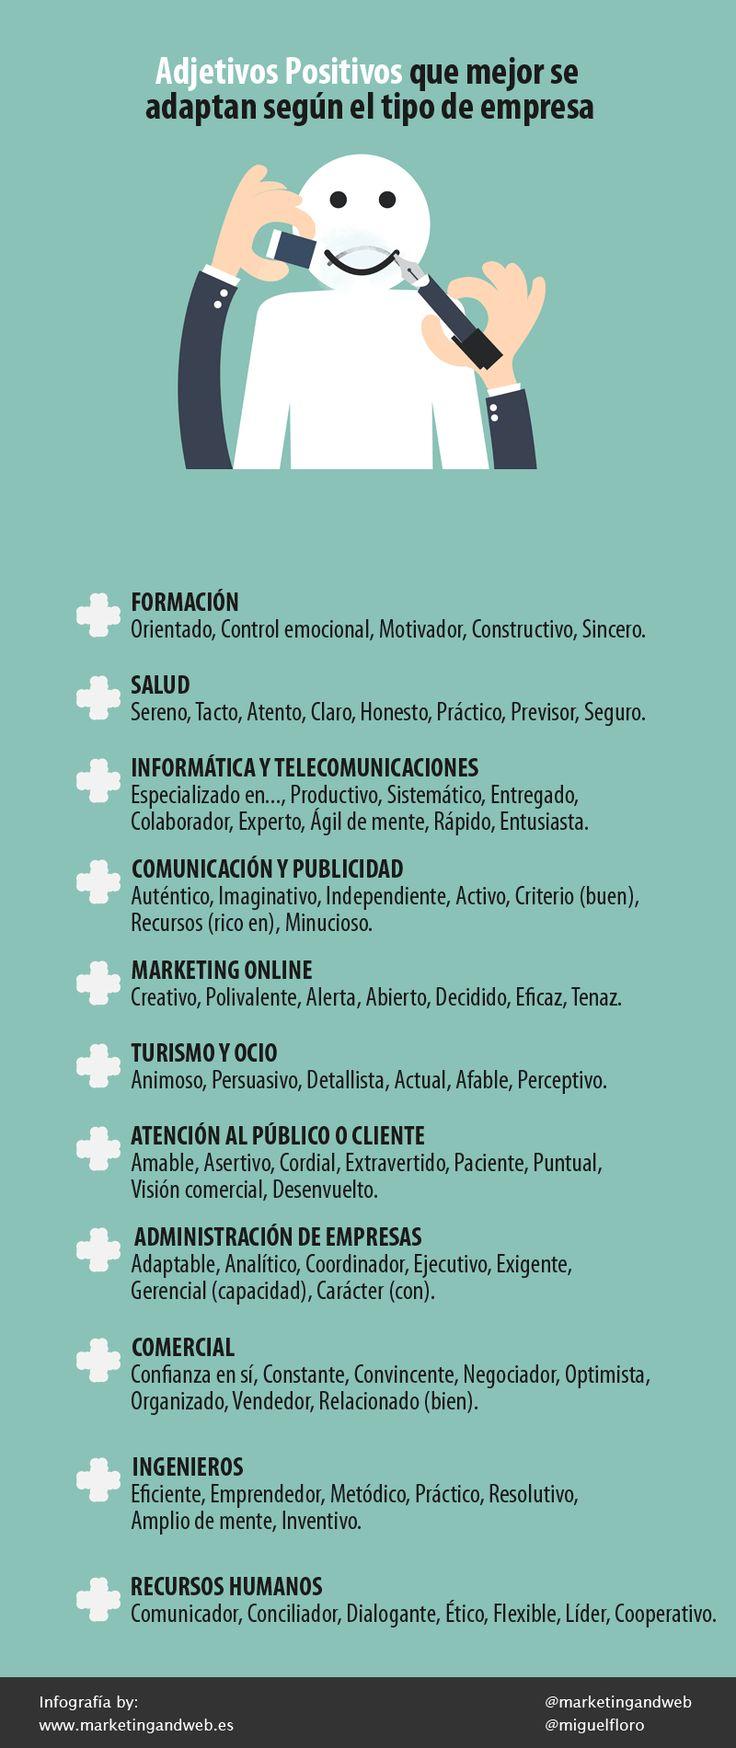 Hola: Una infografía sobreAdjetivos positivos que mejor se adaptan según el tipo de empresa. Vía Un saludo